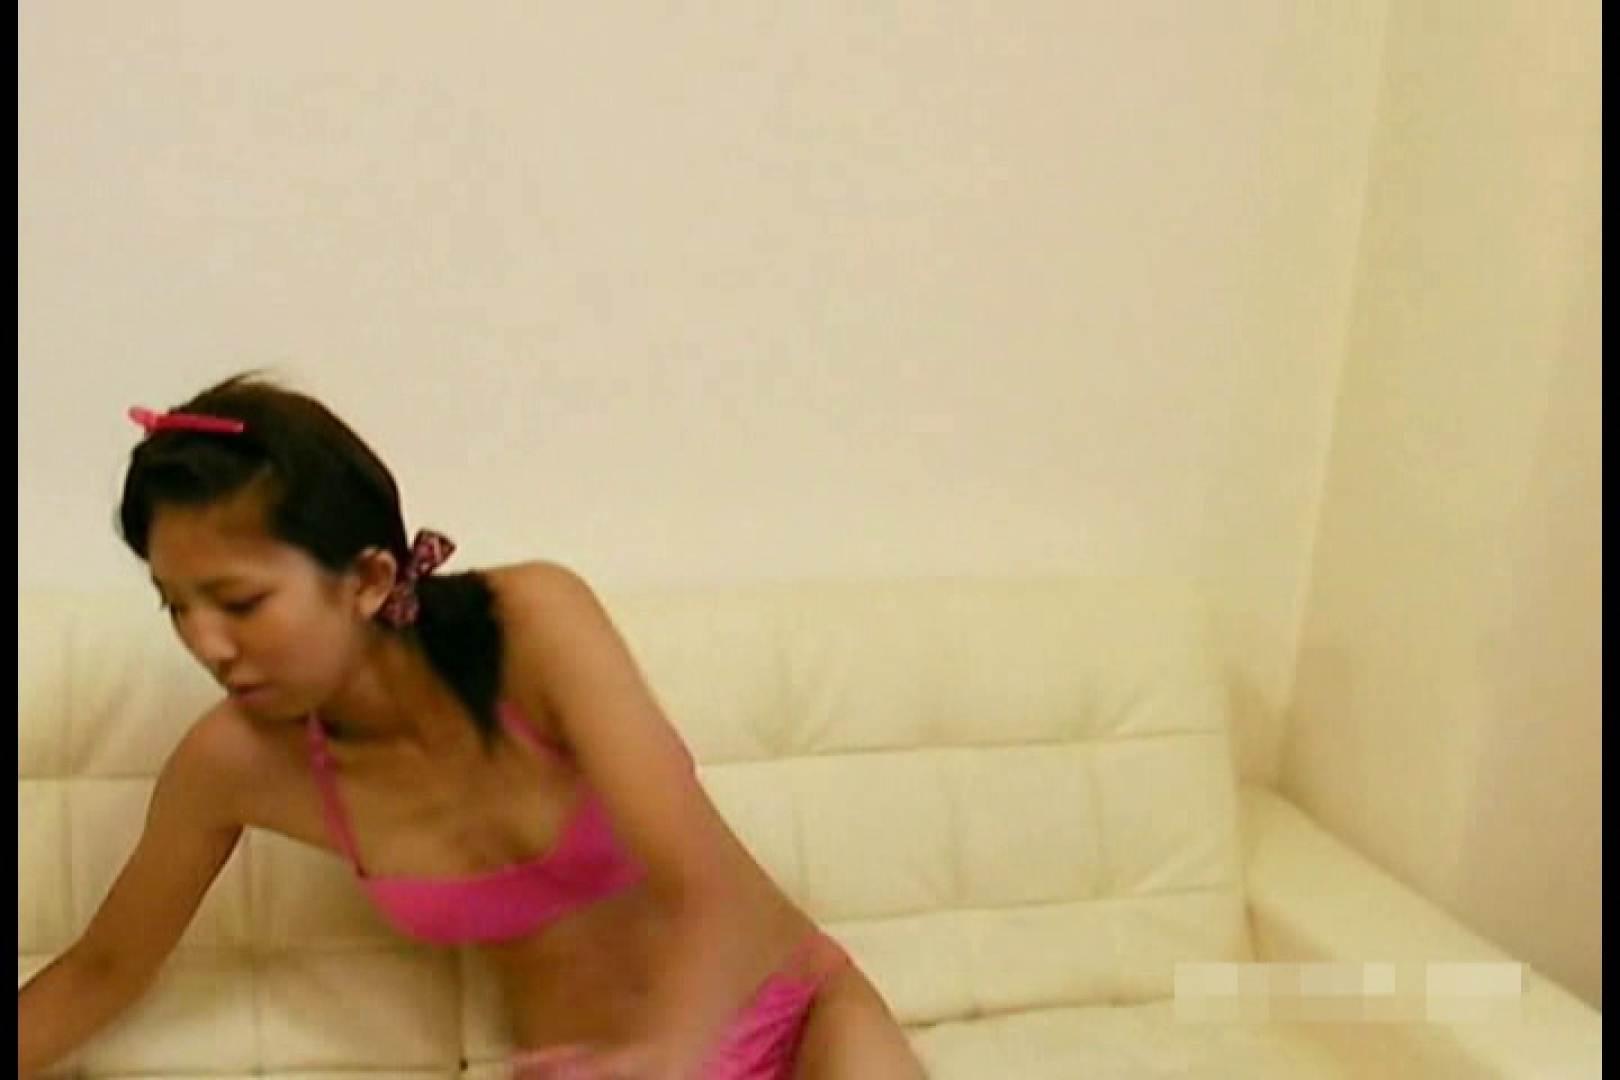 素人撮影 下着だけの撮影のはずが・・・エミちゃん18歳 水着   盗撮  103画像 49